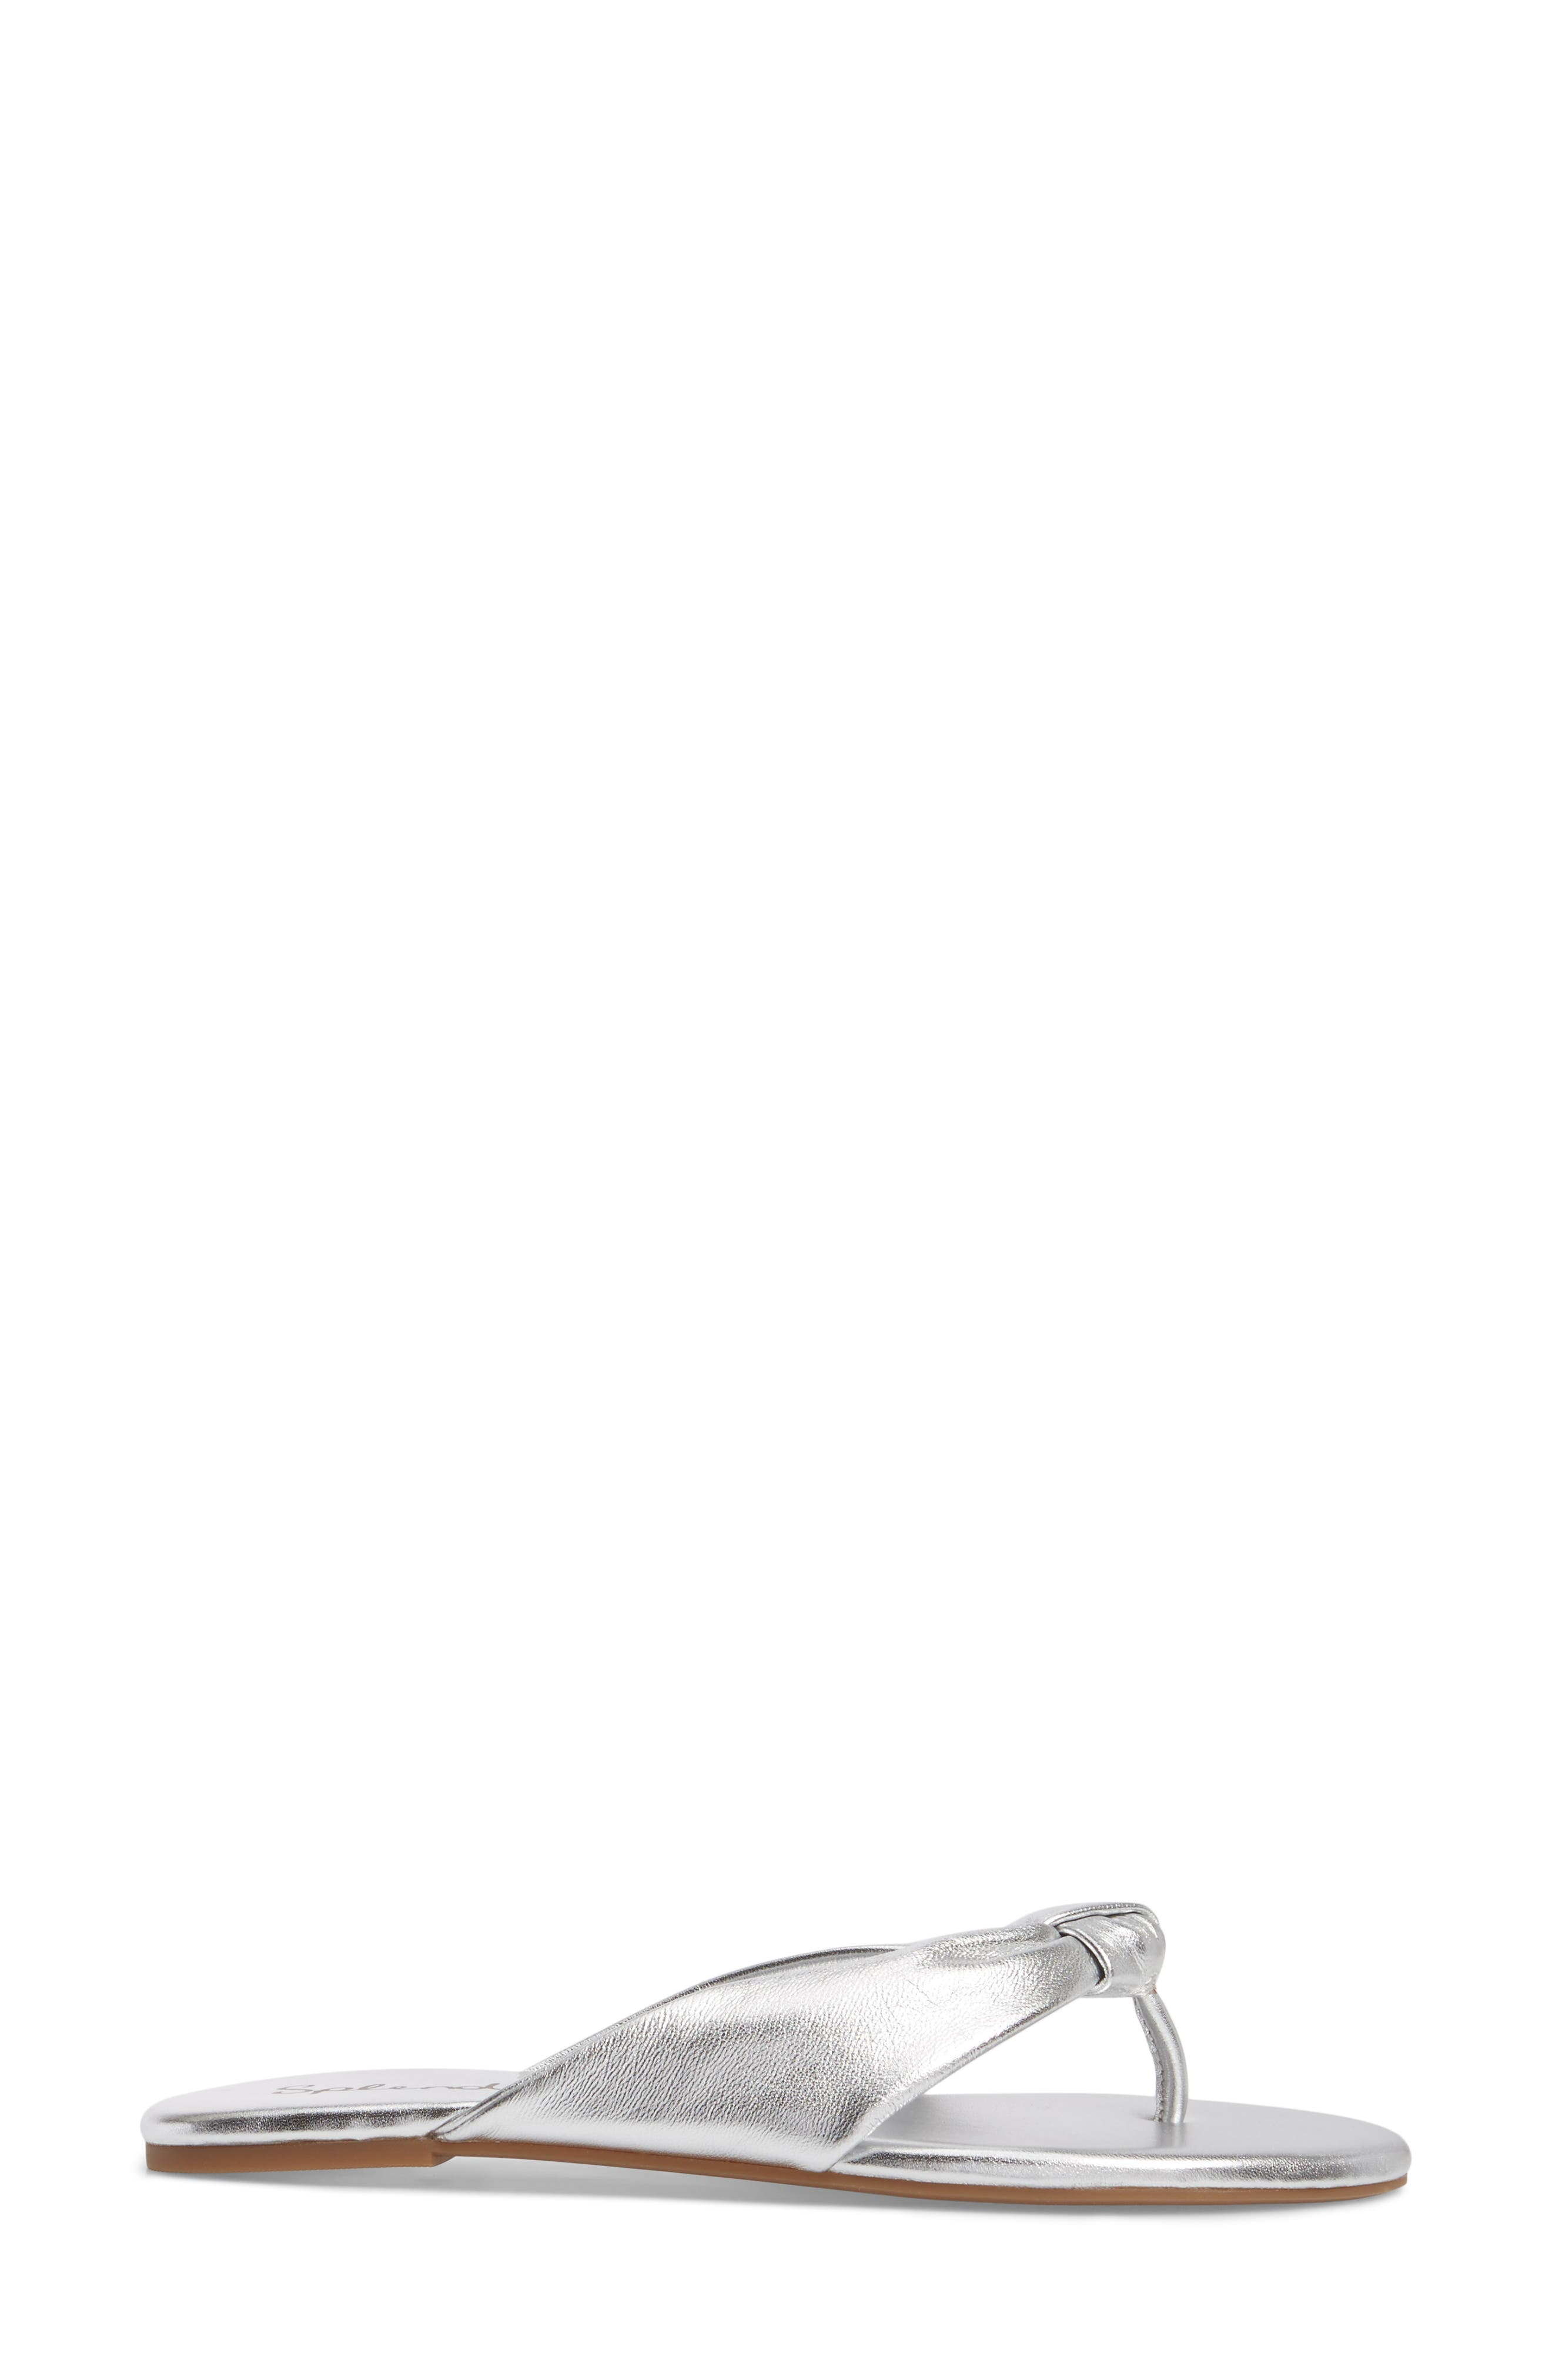 Bridgette Knotted Flip Flop,                             Alternate thumbnail 3, color,                             SILVER METALLIC LEATHER